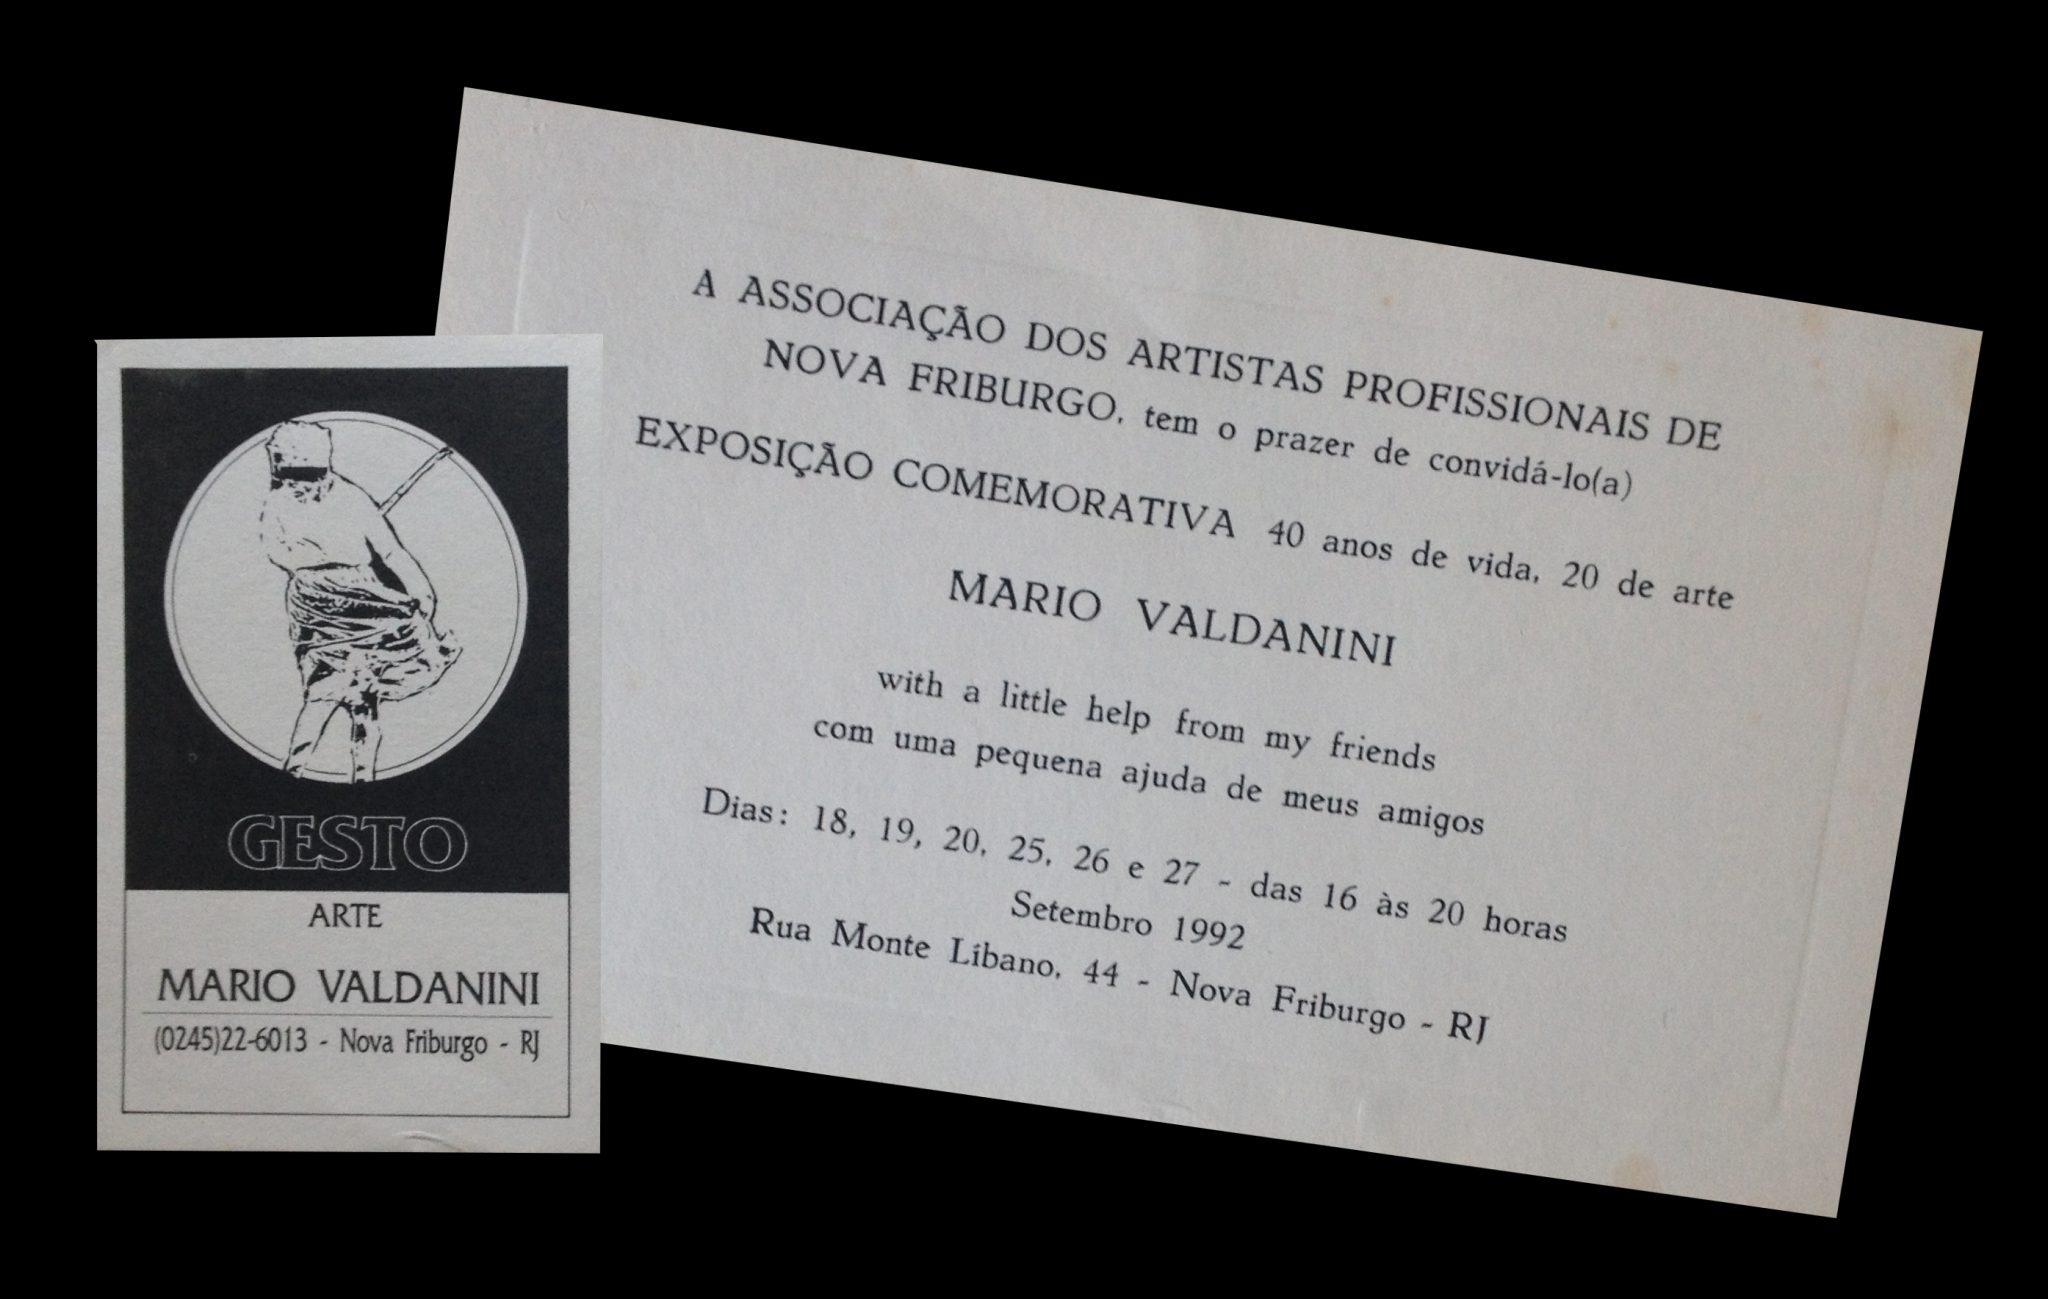 Convite Exposição 40 anos de vida - 20 de arte - Ano 1992